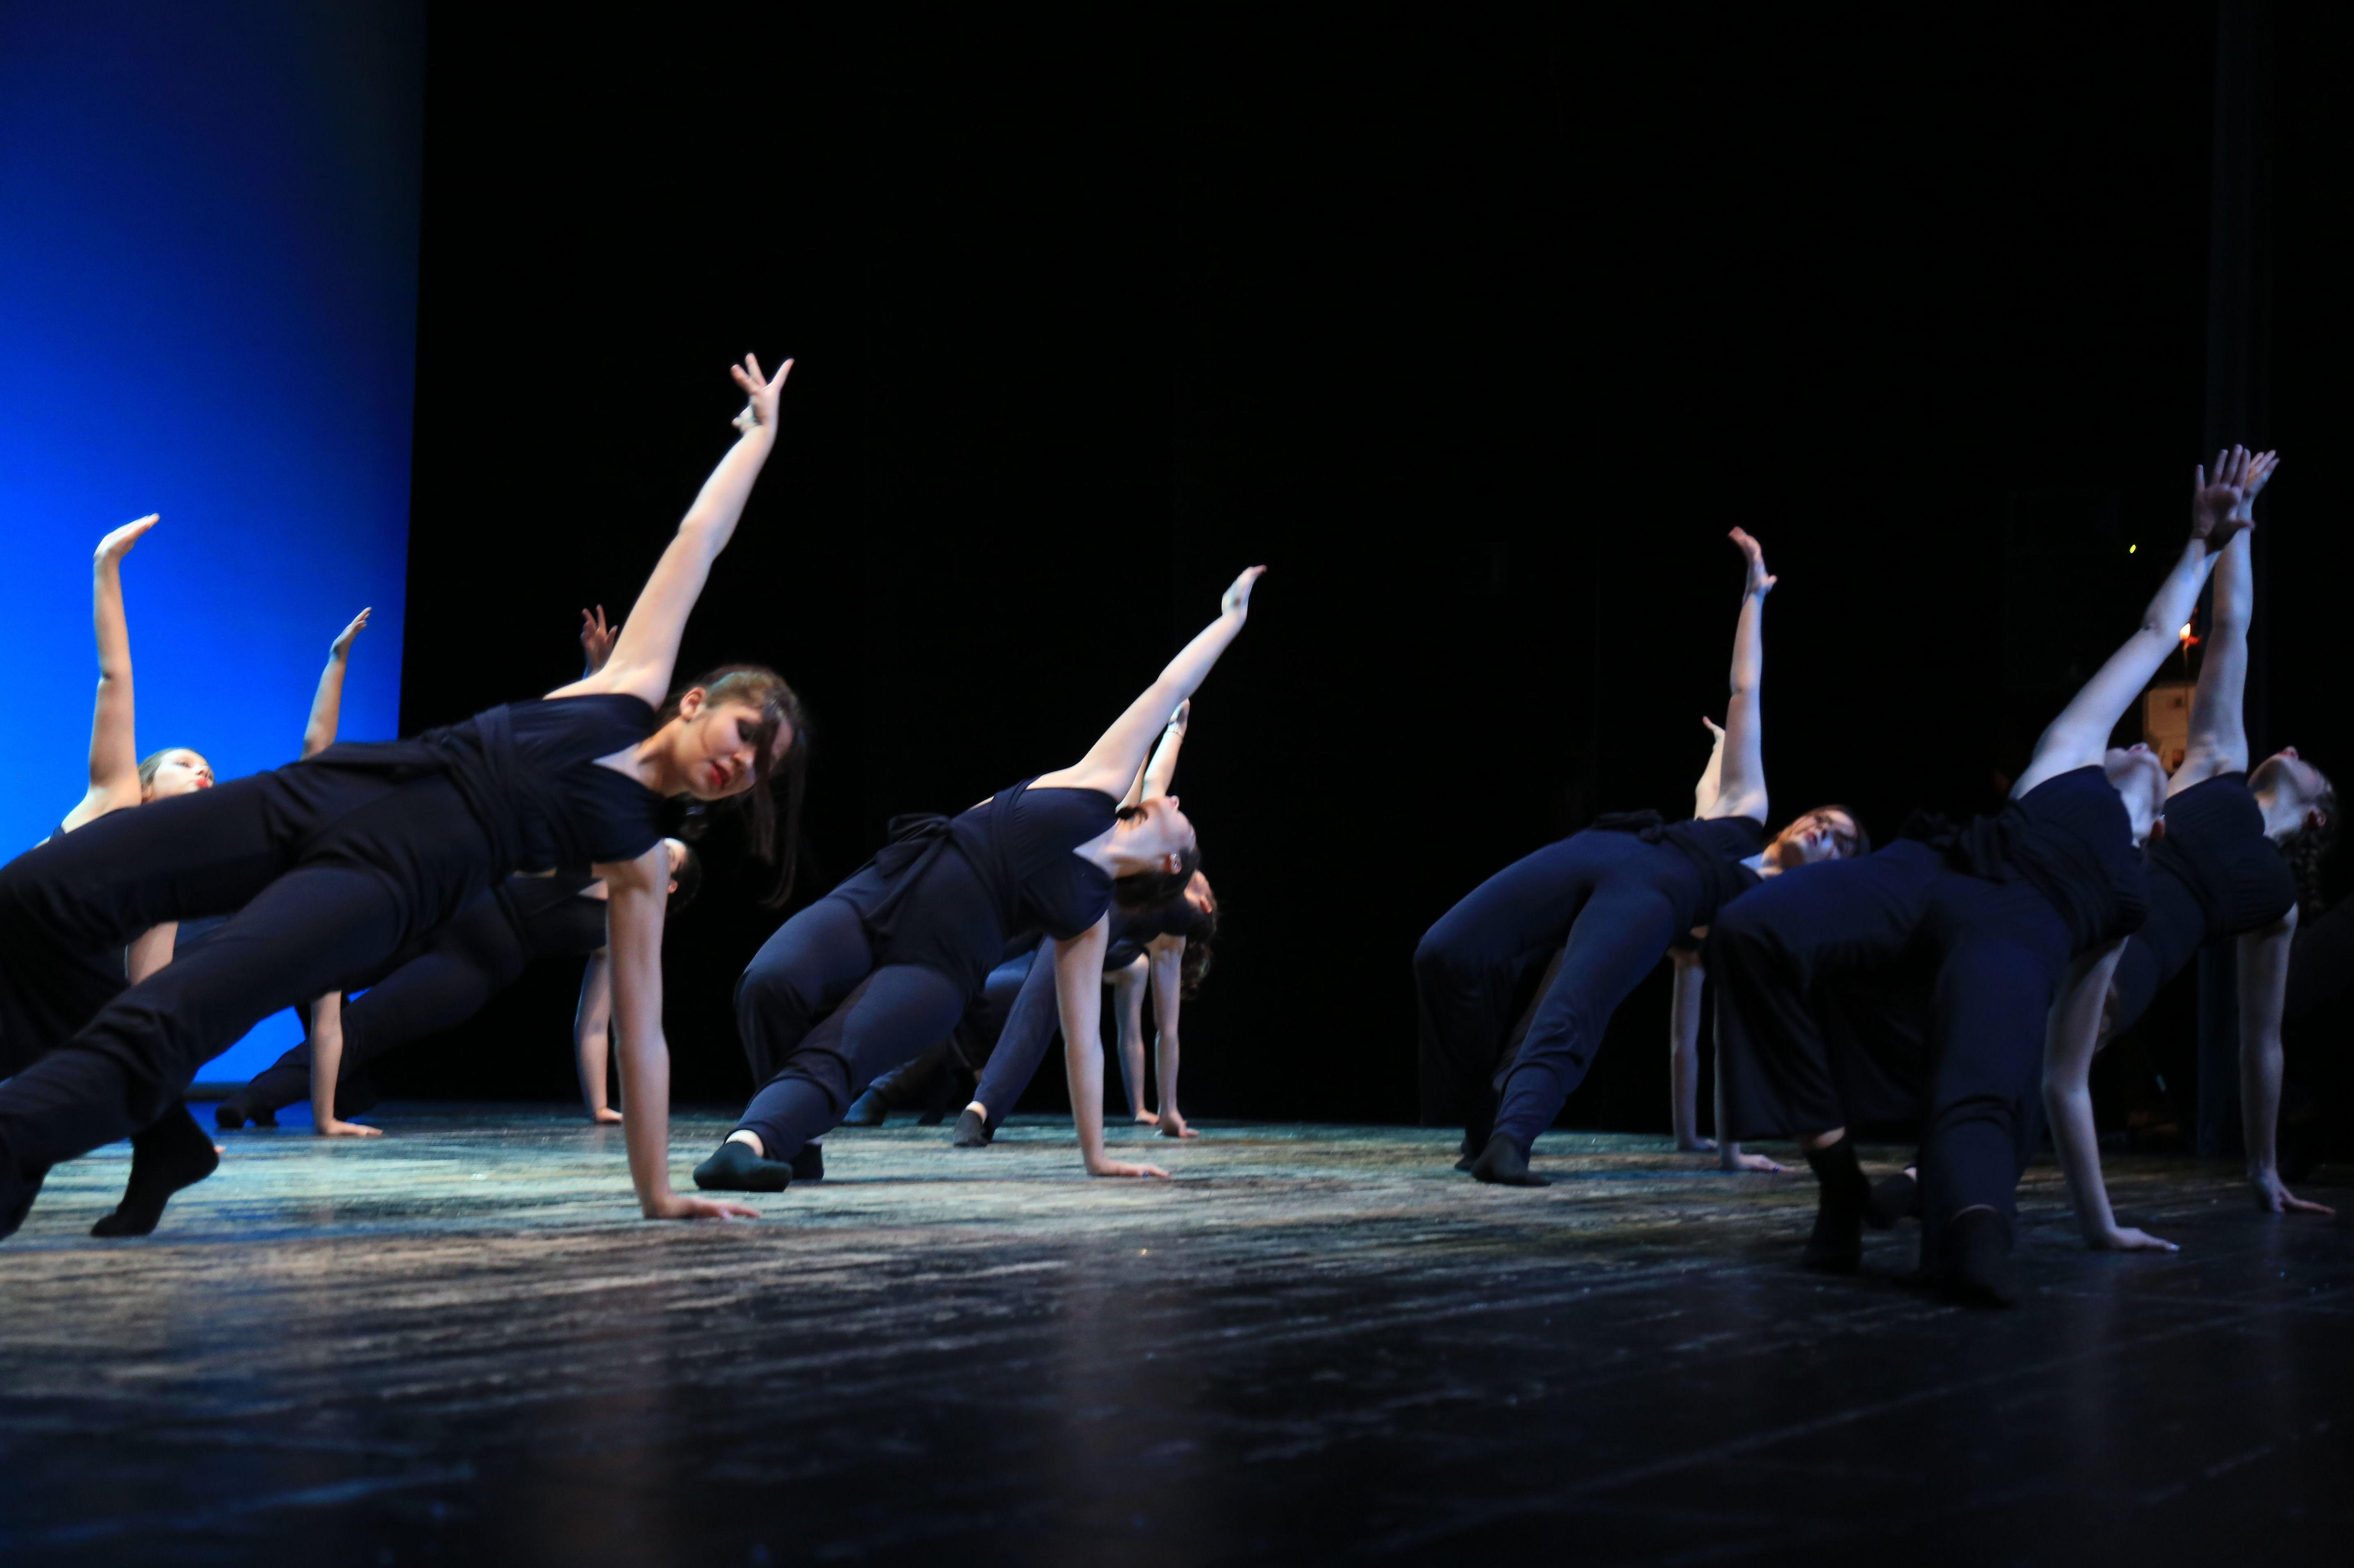 jazz, danza moderna, funky en leganés